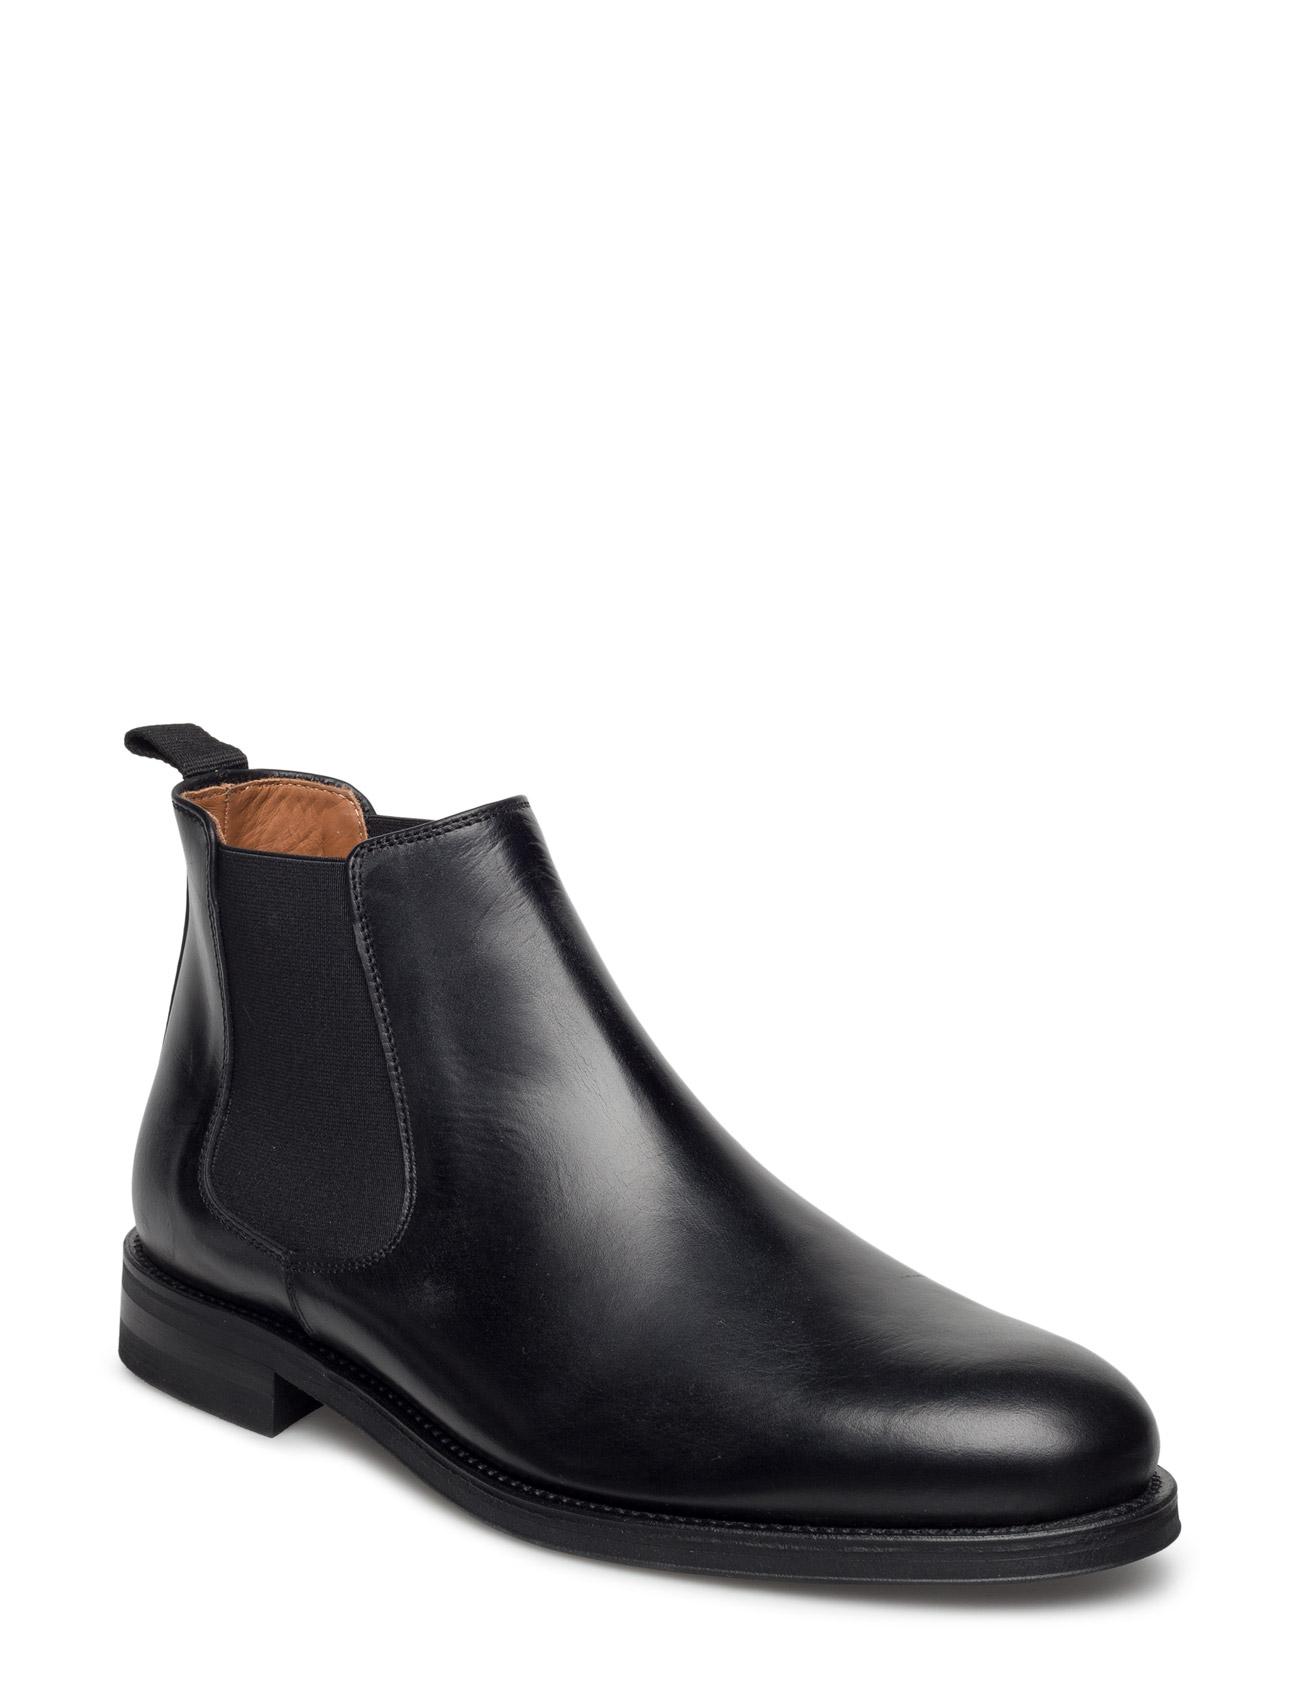 Chelsea Boot Garment Project Støvler til Herrer i Sort læder